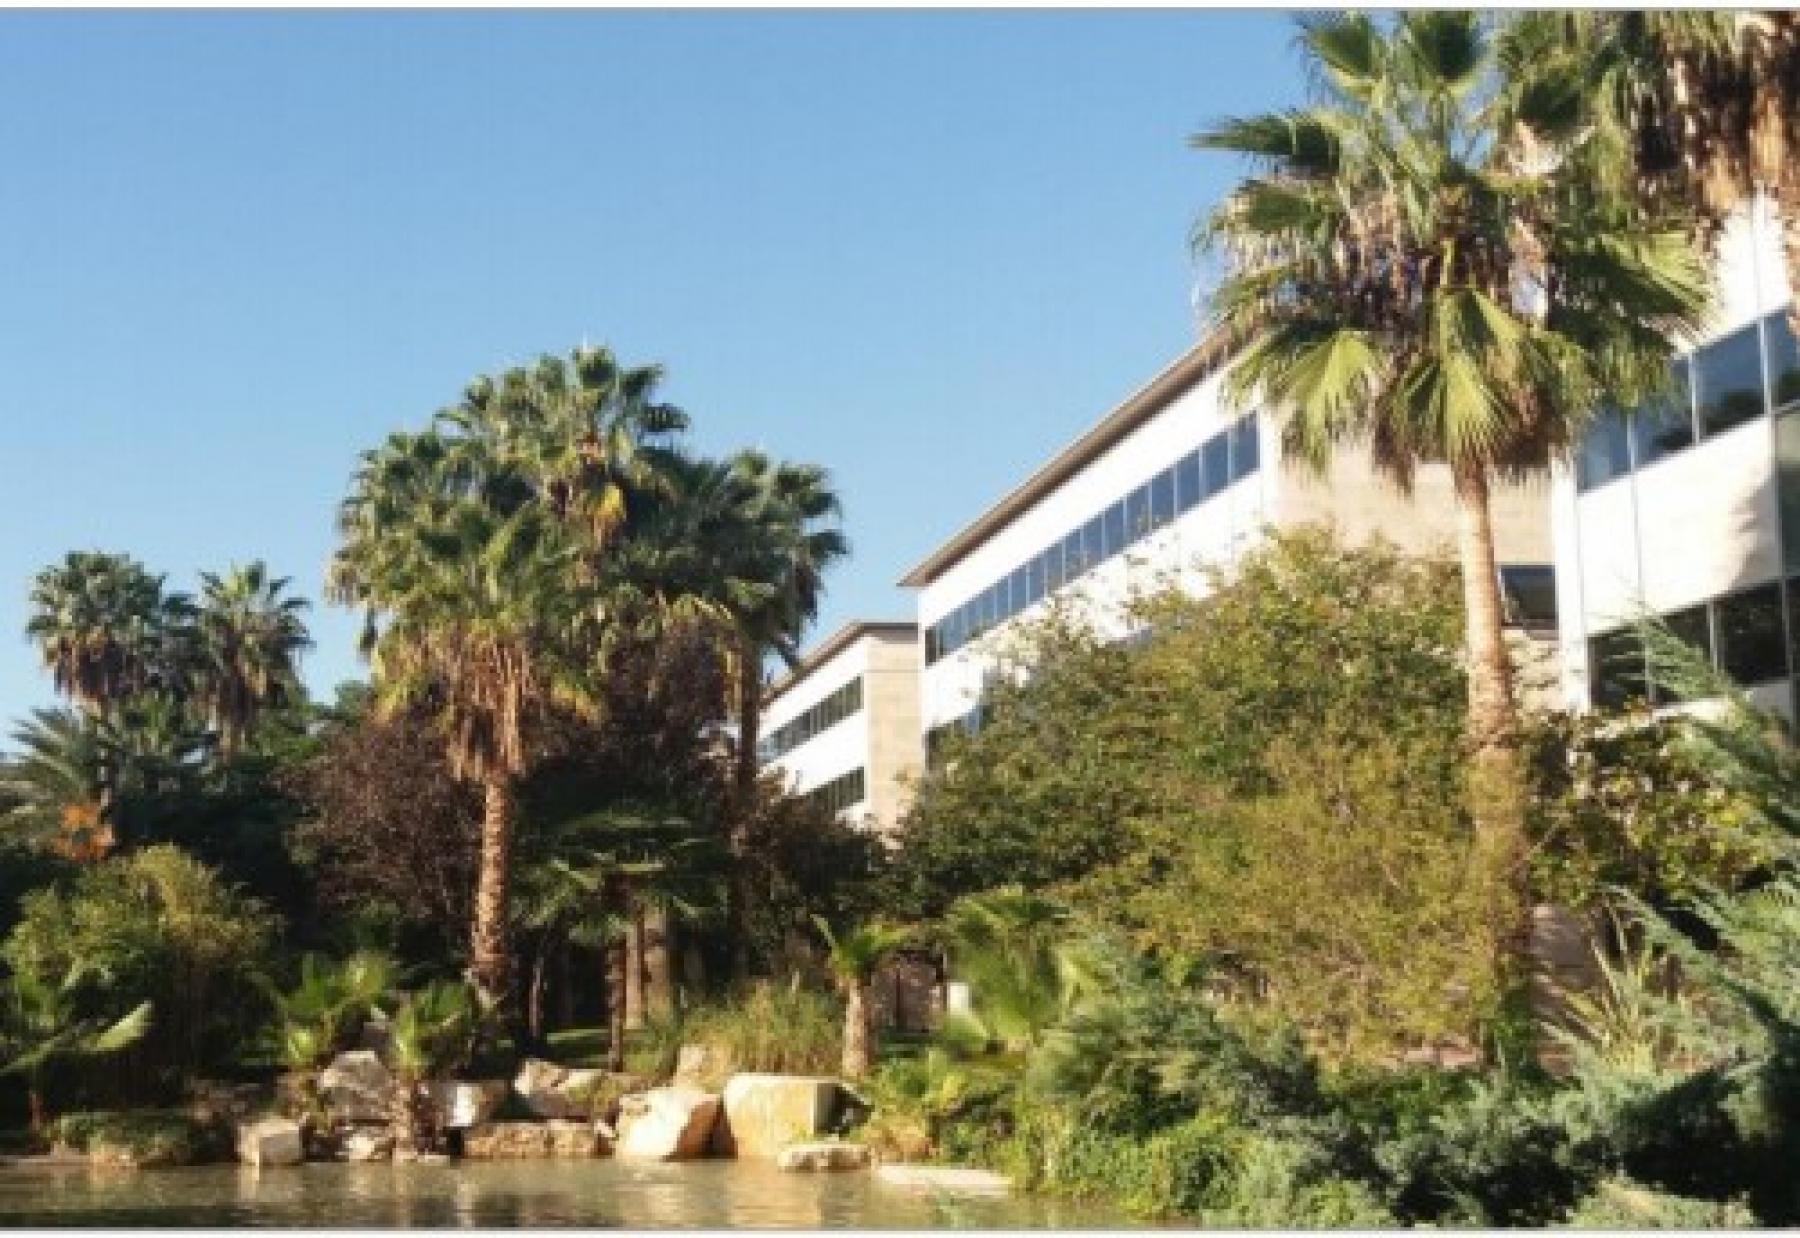 Oficinas hermosas disponibles para el alquiler en Cityparc Cornella